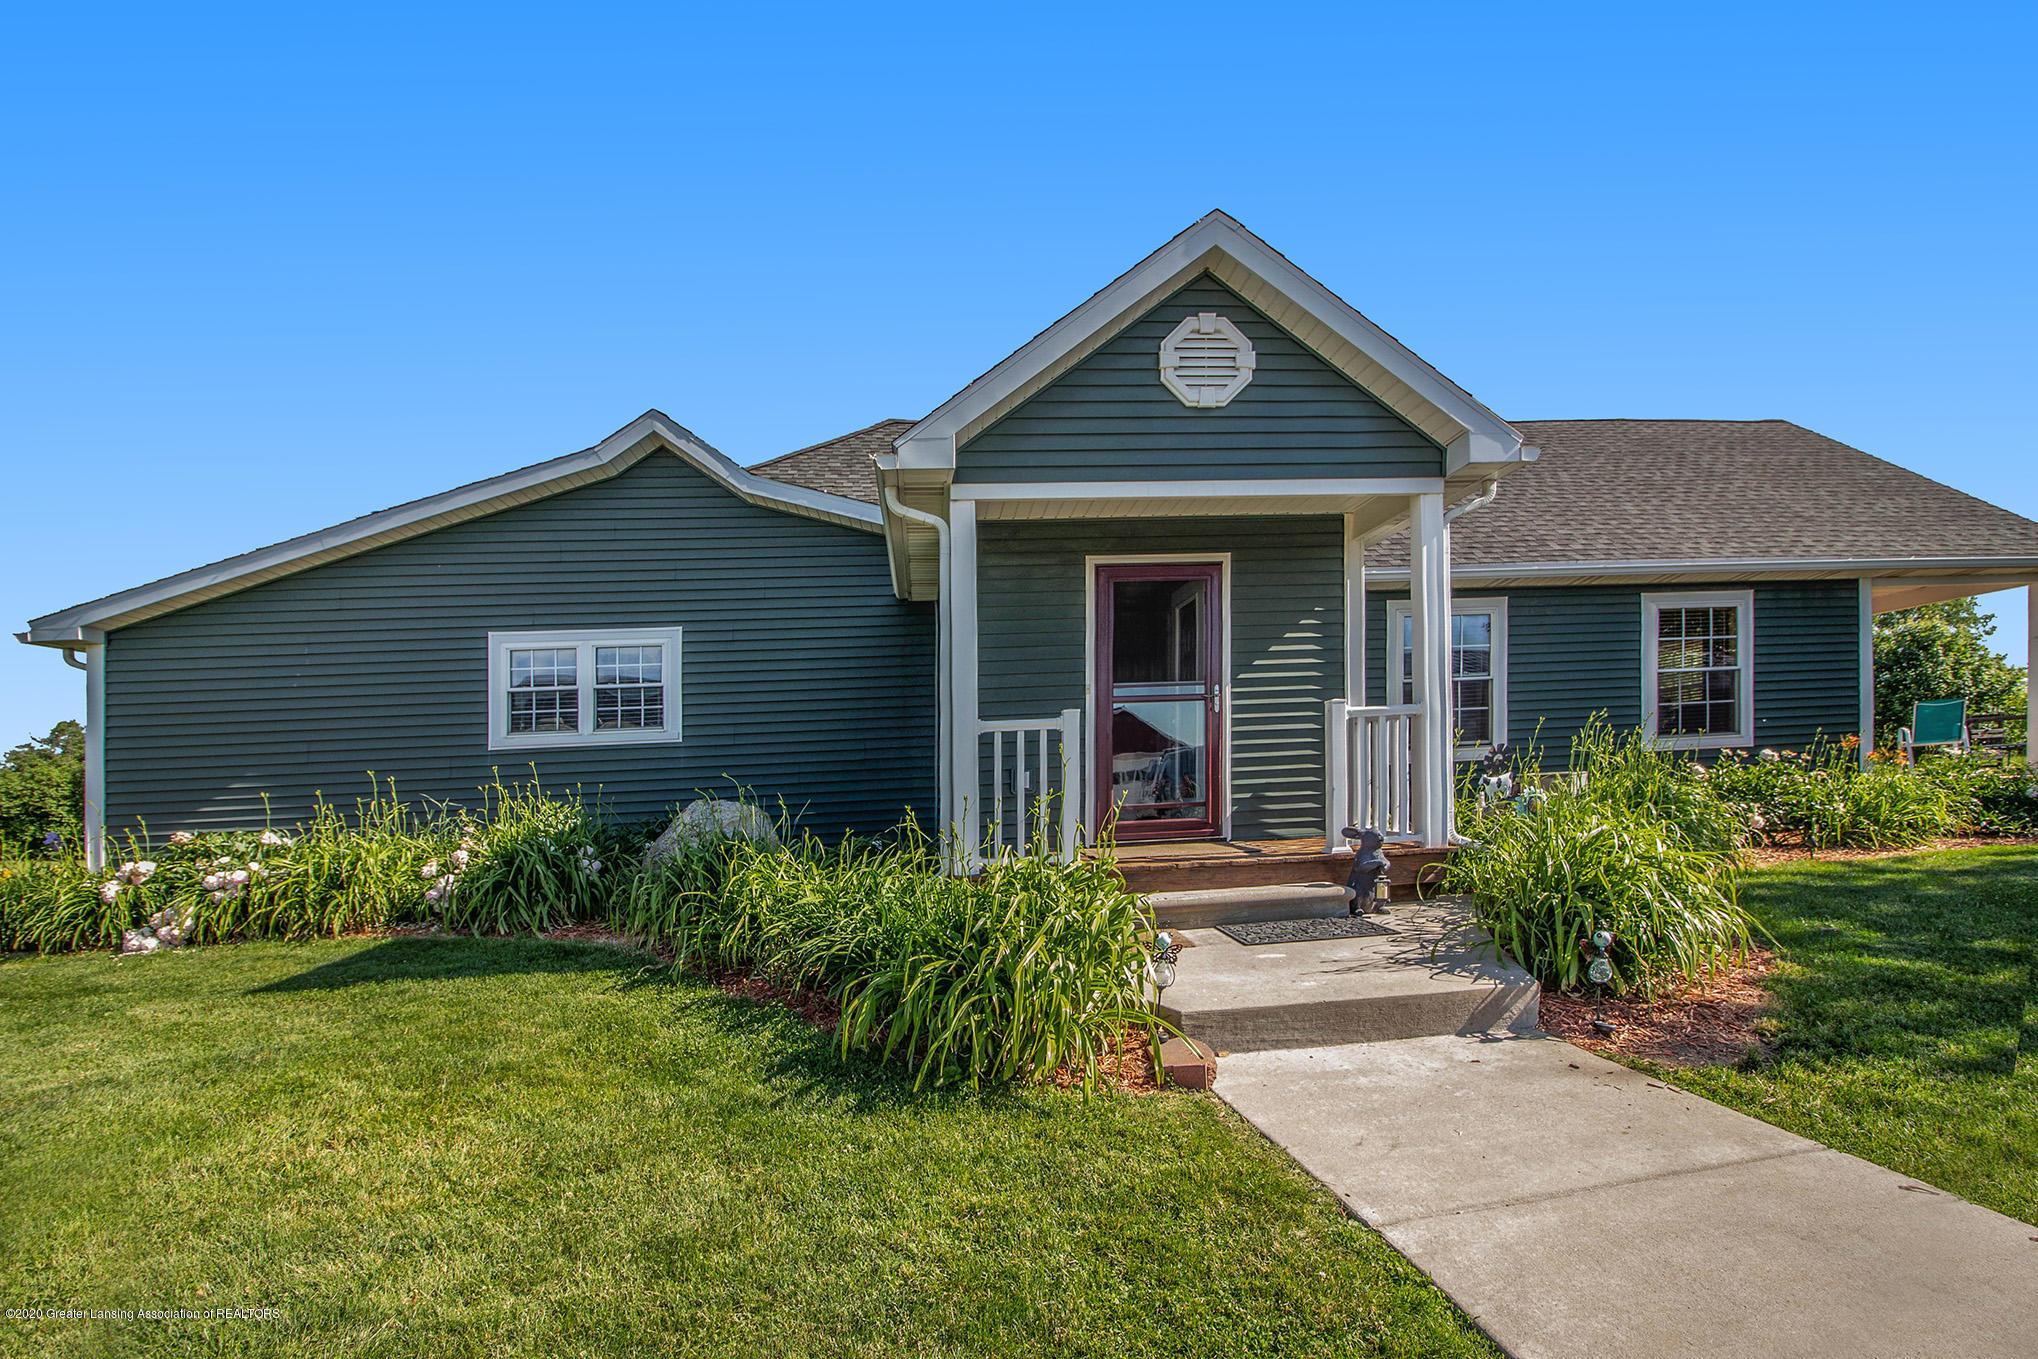 2055 Tuttle Rd - 1 Front Door House 2 - 2